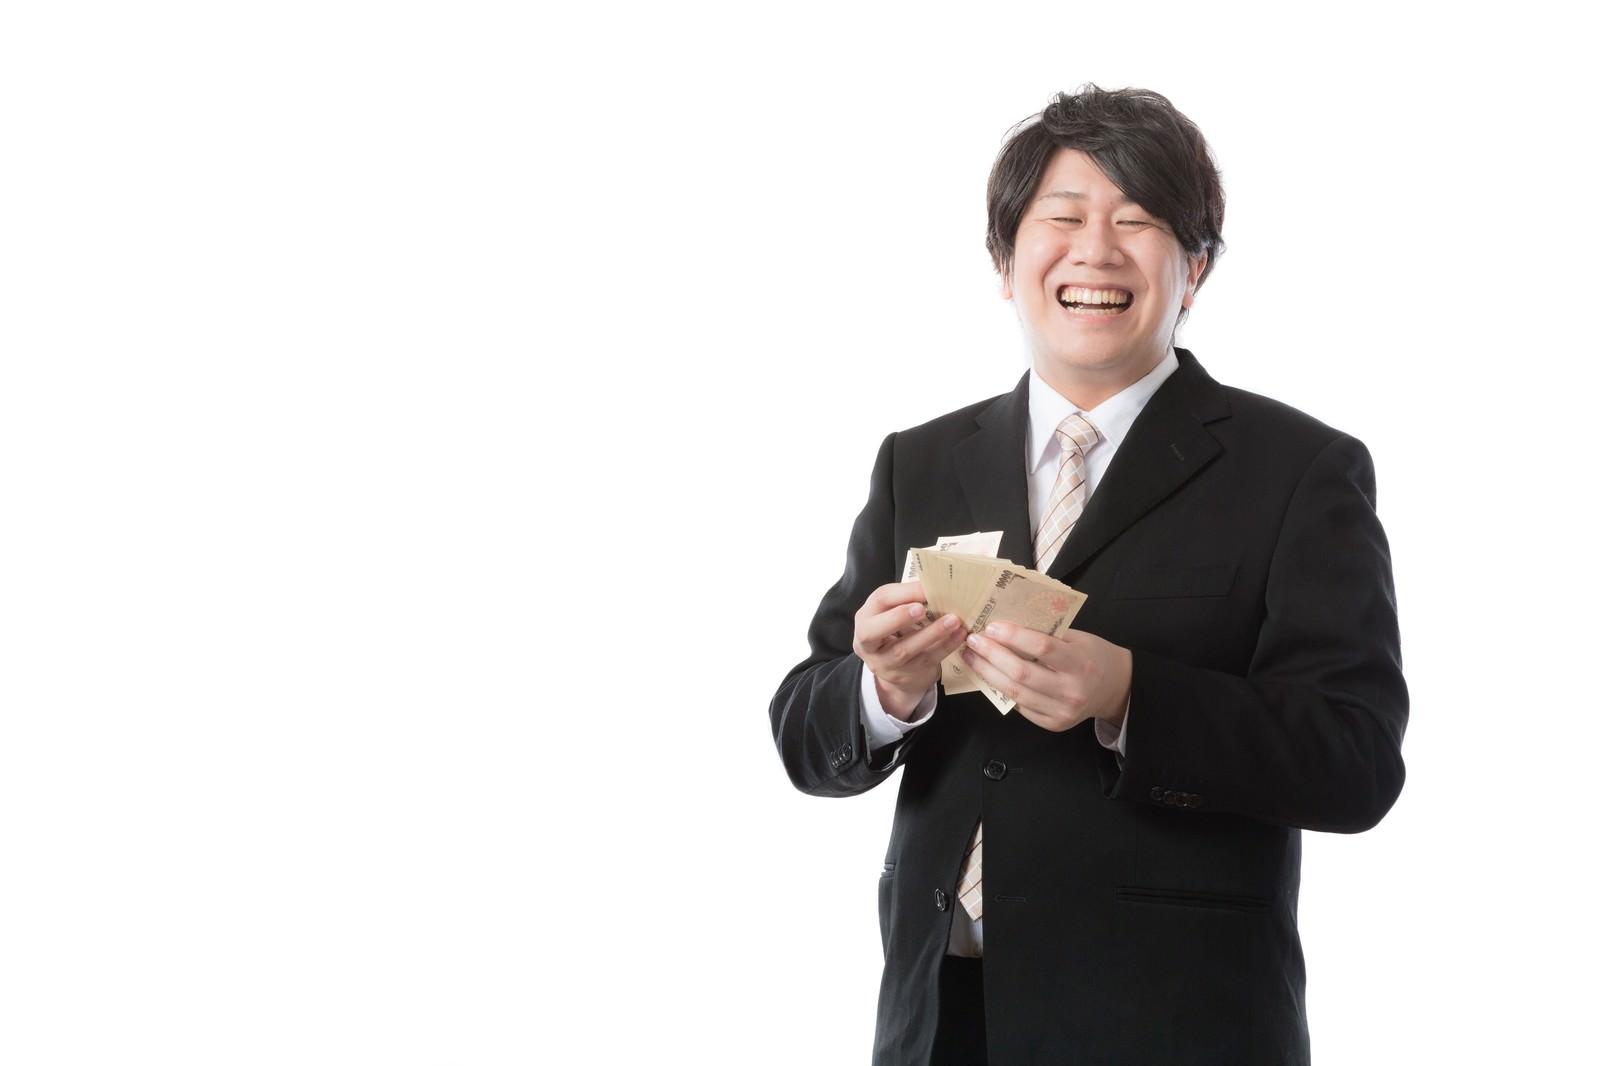 「秒速で札束をカウントする銀行職員」の写真[モデル:あまのじゃく]